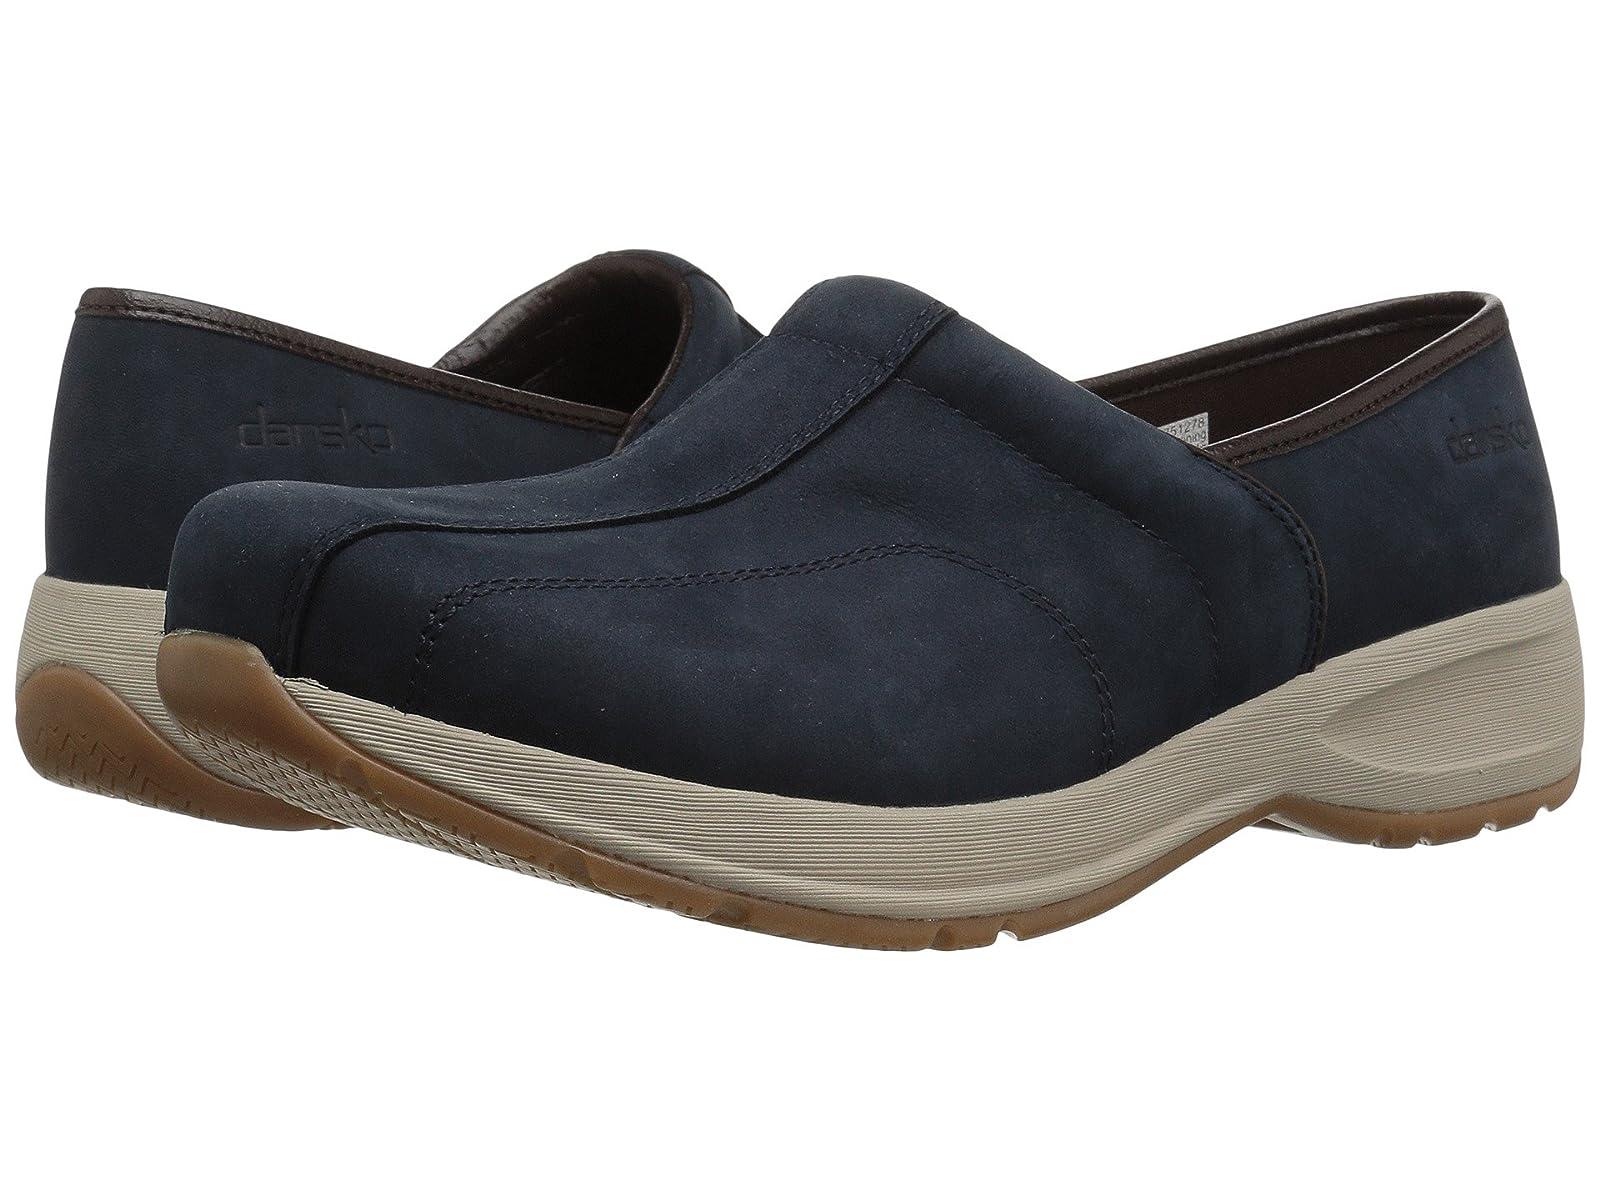 Dansko ShainaAtmospheric grades have affordable shoes